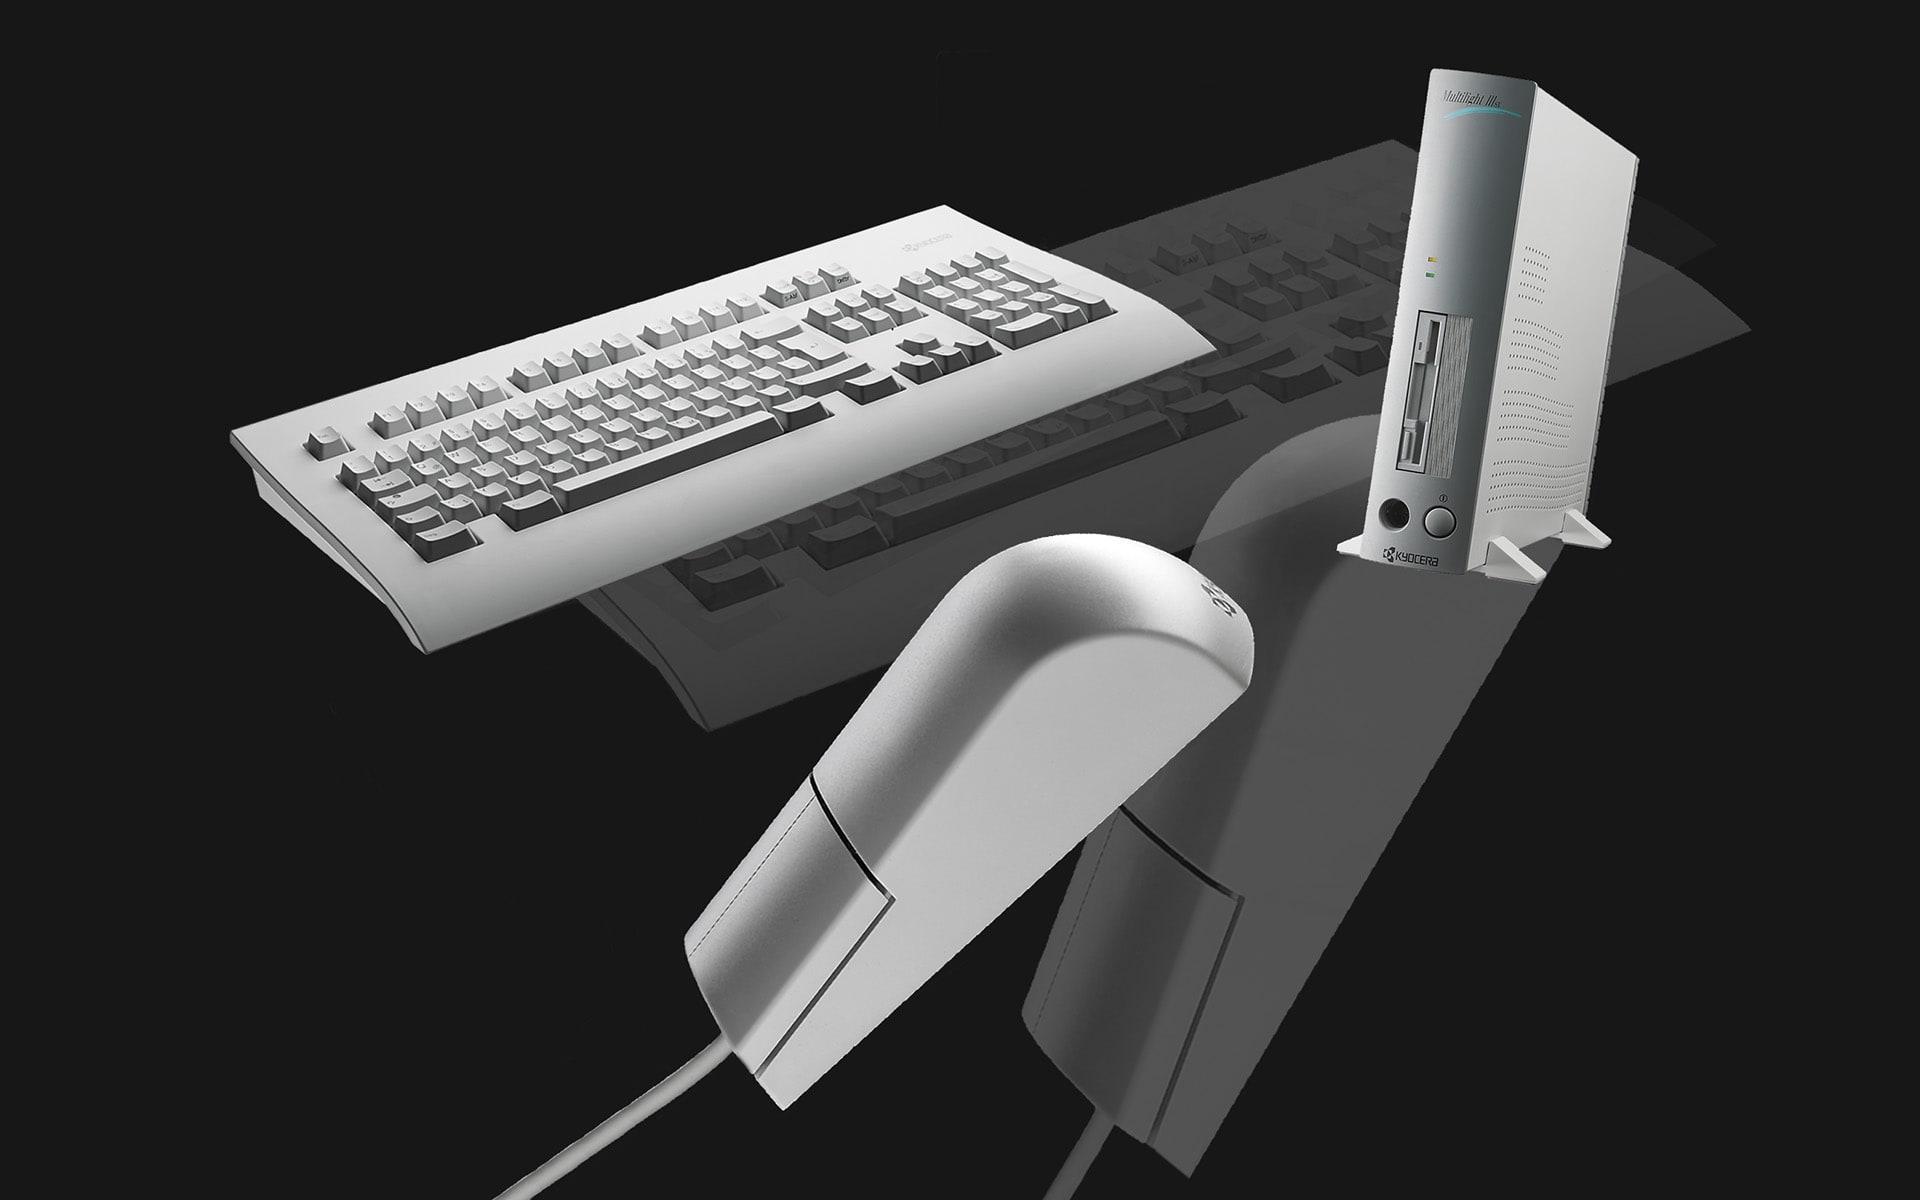 Computereinheit mit Tastatur und Maus von ITO Design für Kyocera, 1991 entworfen